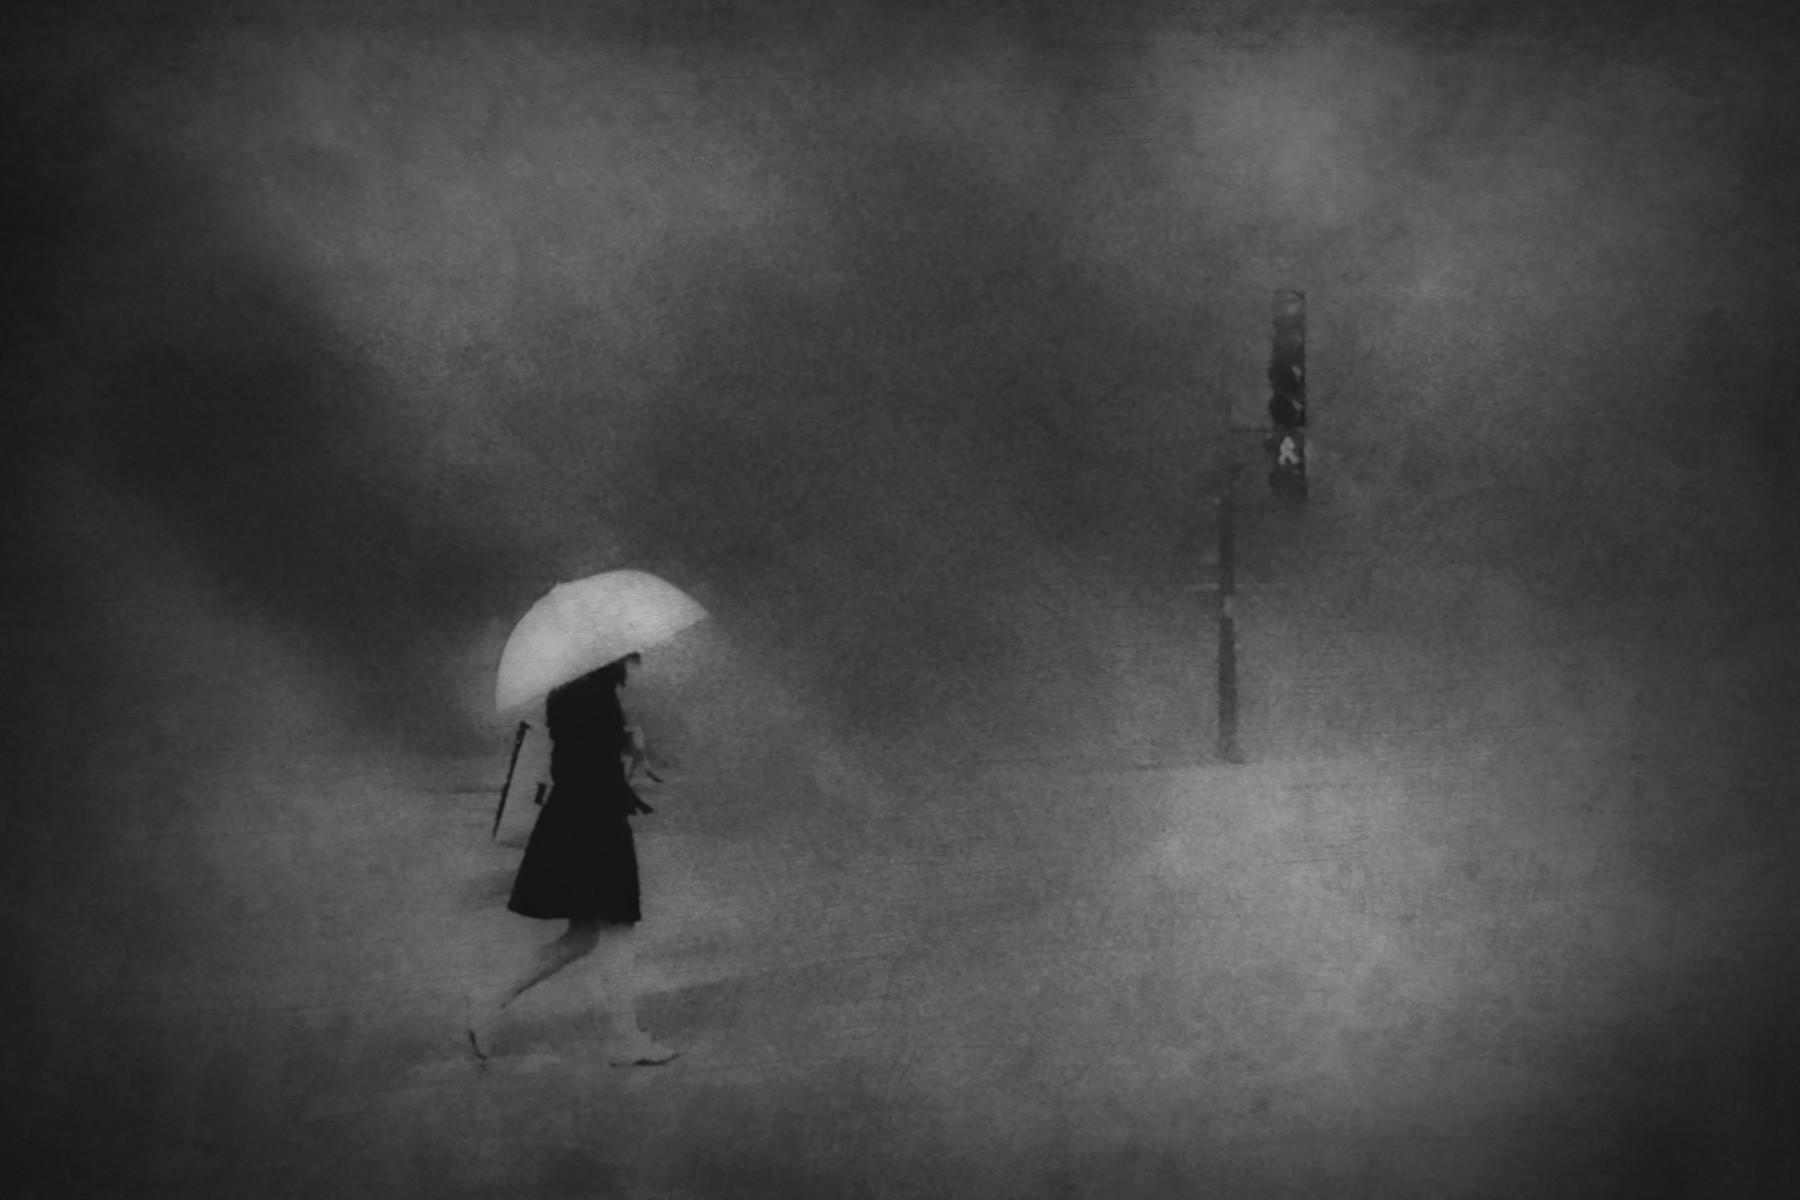 Элмхерст-стрит. Автор Даниэль Кастонгуэй